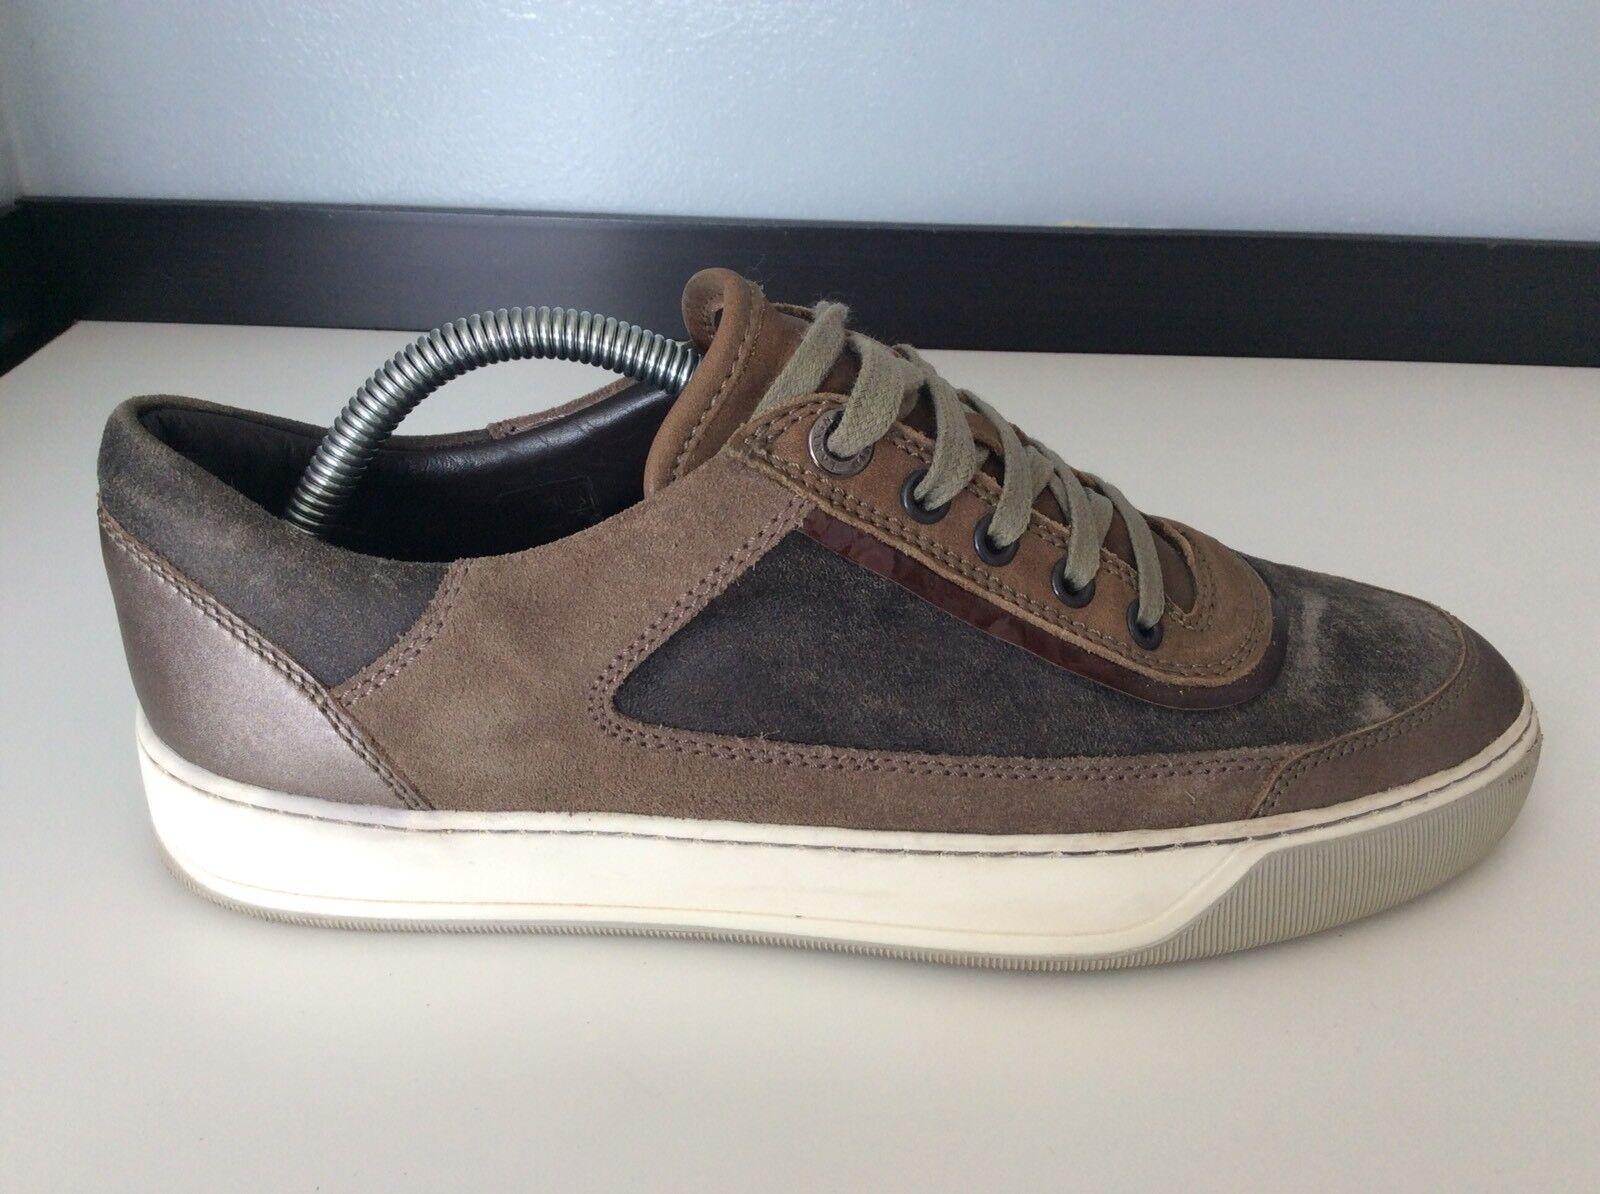 Lanvin Para hombre Zapatillas, Zapatillas, Reino Unido 6 Eu40, marrón gamuza cuero, en muy buena condición